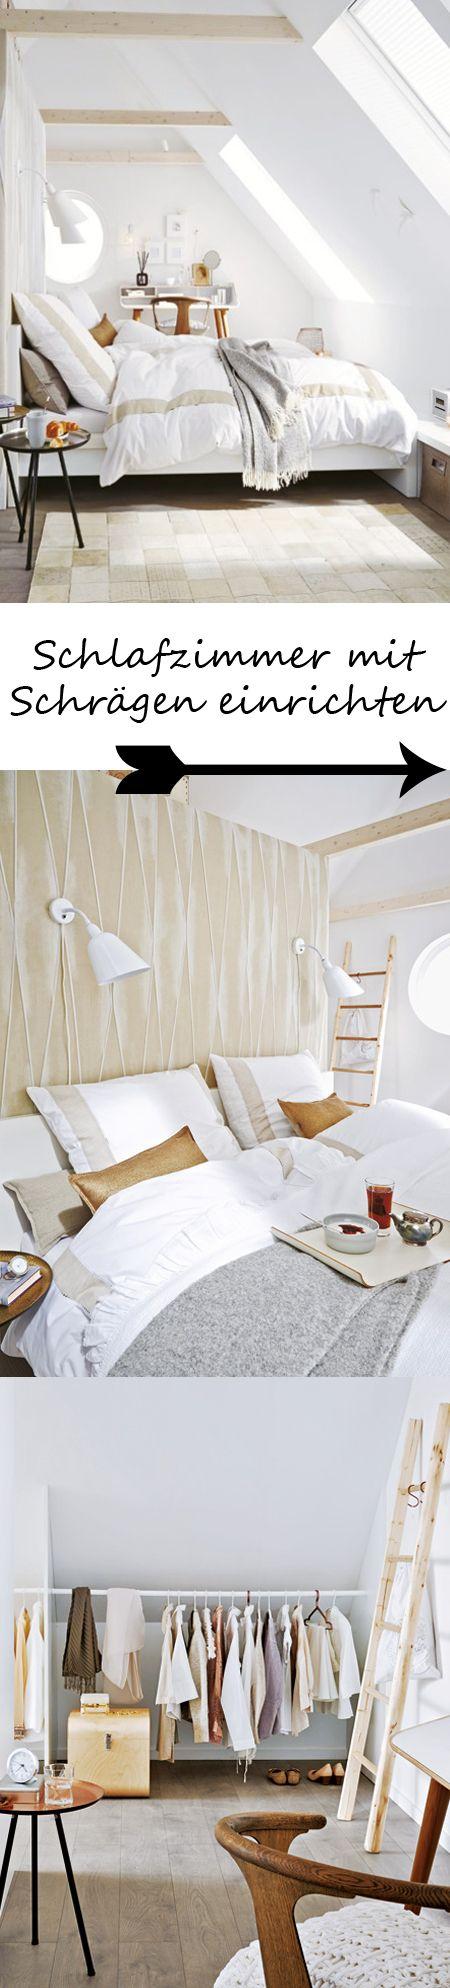 Unterm Dach Schlafzimmer Mit Schrägen Einrichten Wohnidee Schlafzimmer Einrichten Zimmer Schlafzimmer Dachschräge